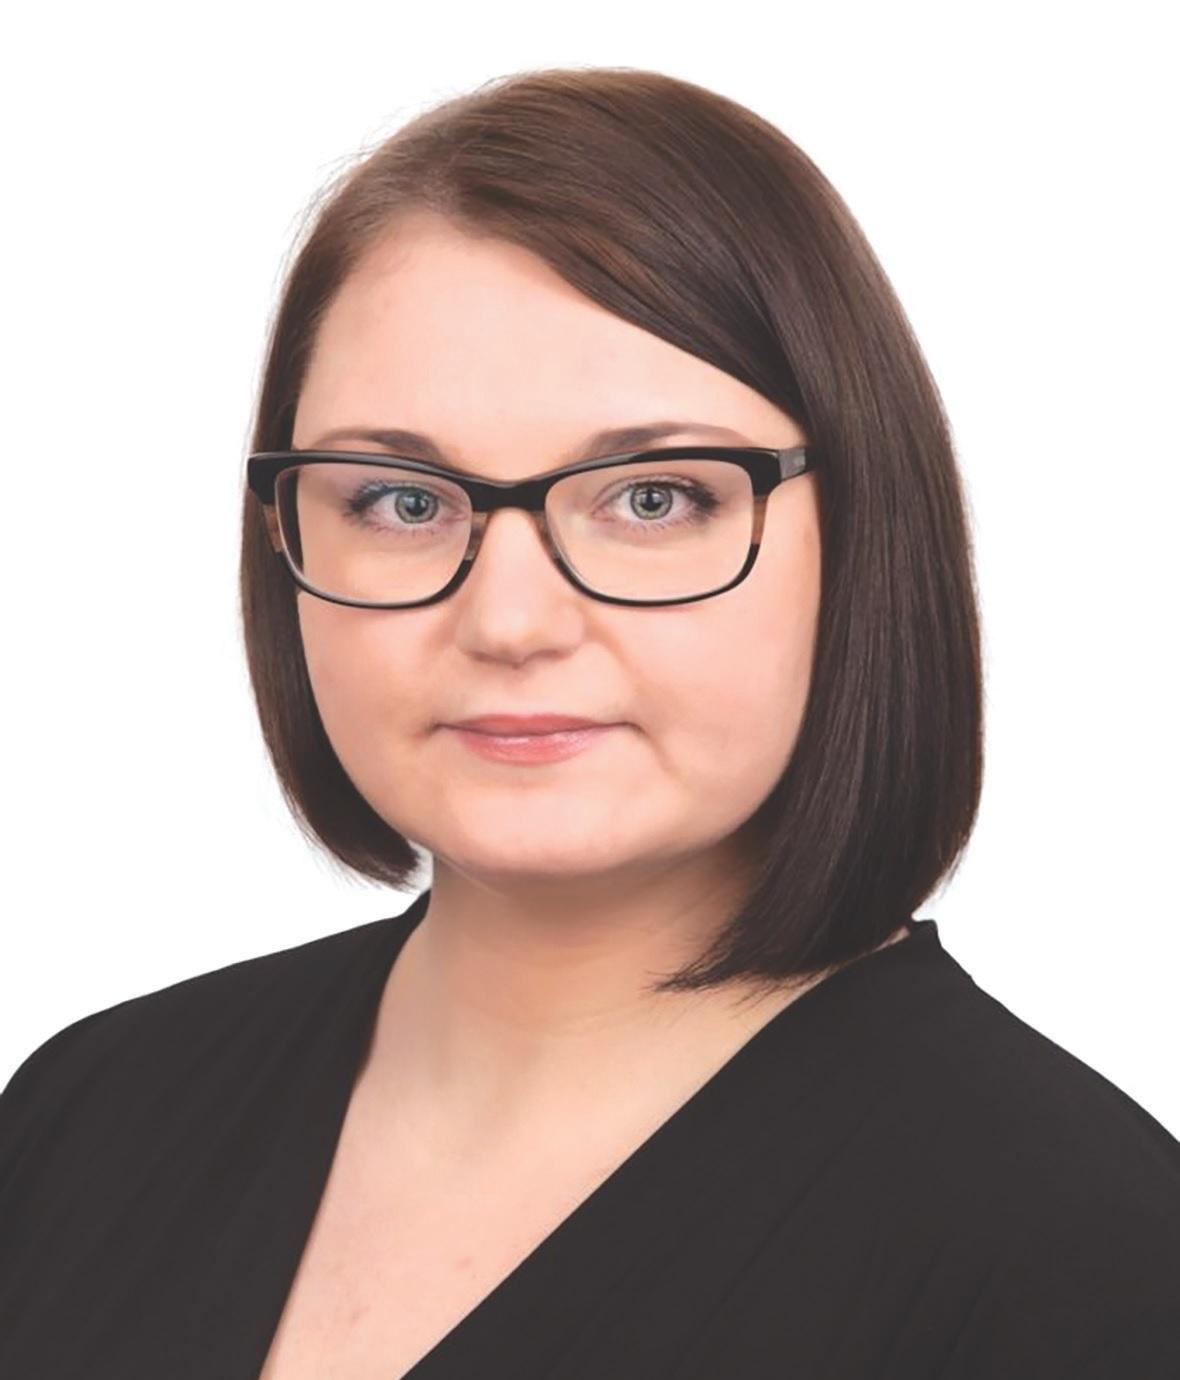 """Dr. Justina Slavinskienė: """"Esant griežtam karantinui, visiškai sustojo praktinis vairavimo mokymosi procesas, kas tikrai nemažai daliai jaunimo sukėlė papildomos įtampos, nerimo."""""""